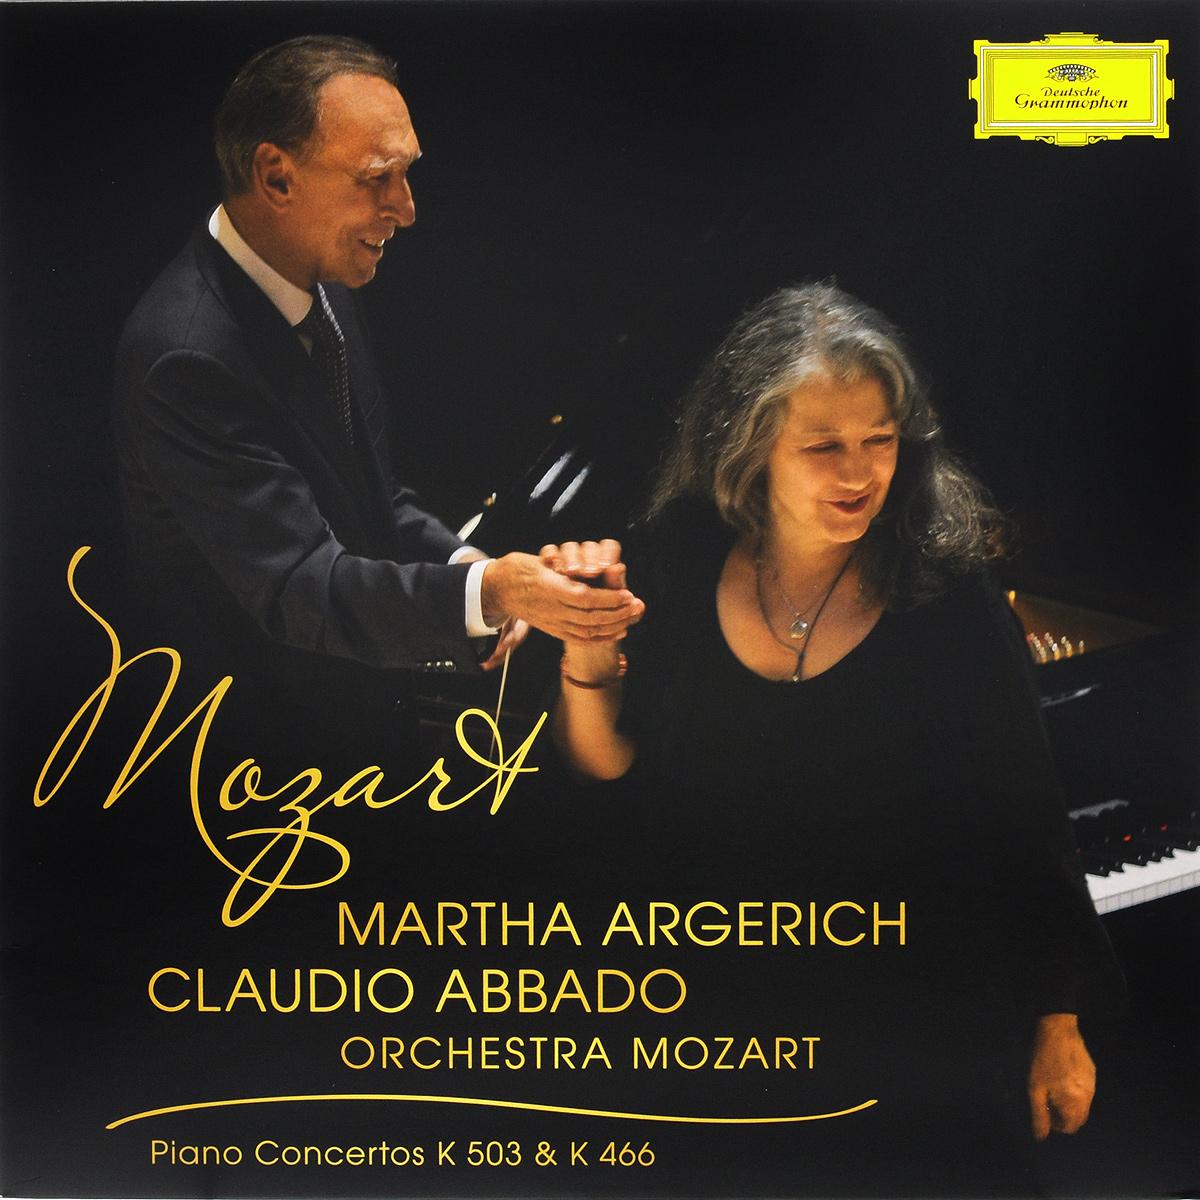 Клаудио Аббадо,Orchestra Mozart,Марта Аргерих Mozart. Piano Concertos K 503 & K 446. Martha Argerich / Orchestra Mozart / Claudio Abbado (LP)